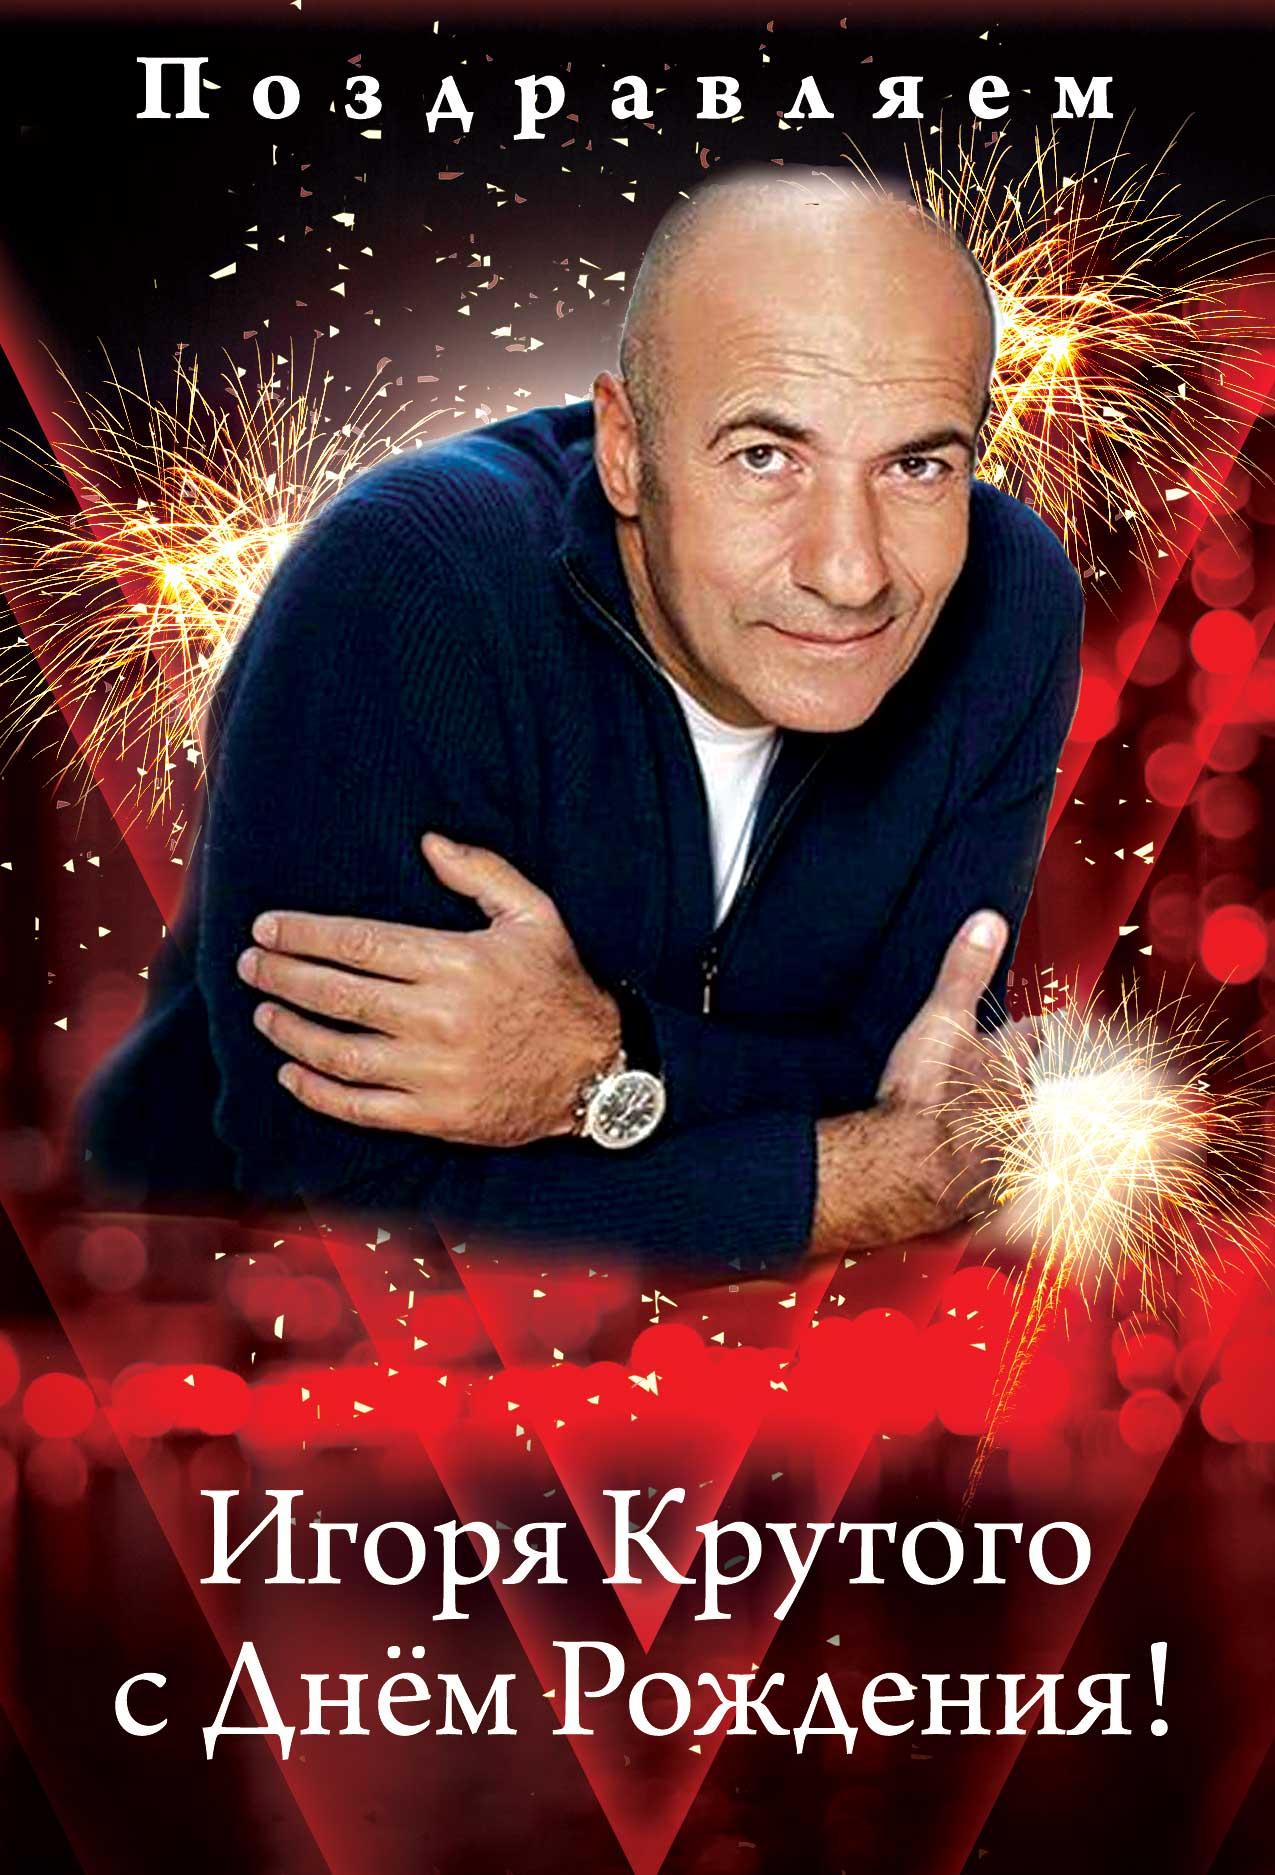 krutoy-happy-birthday-2-1.jpg